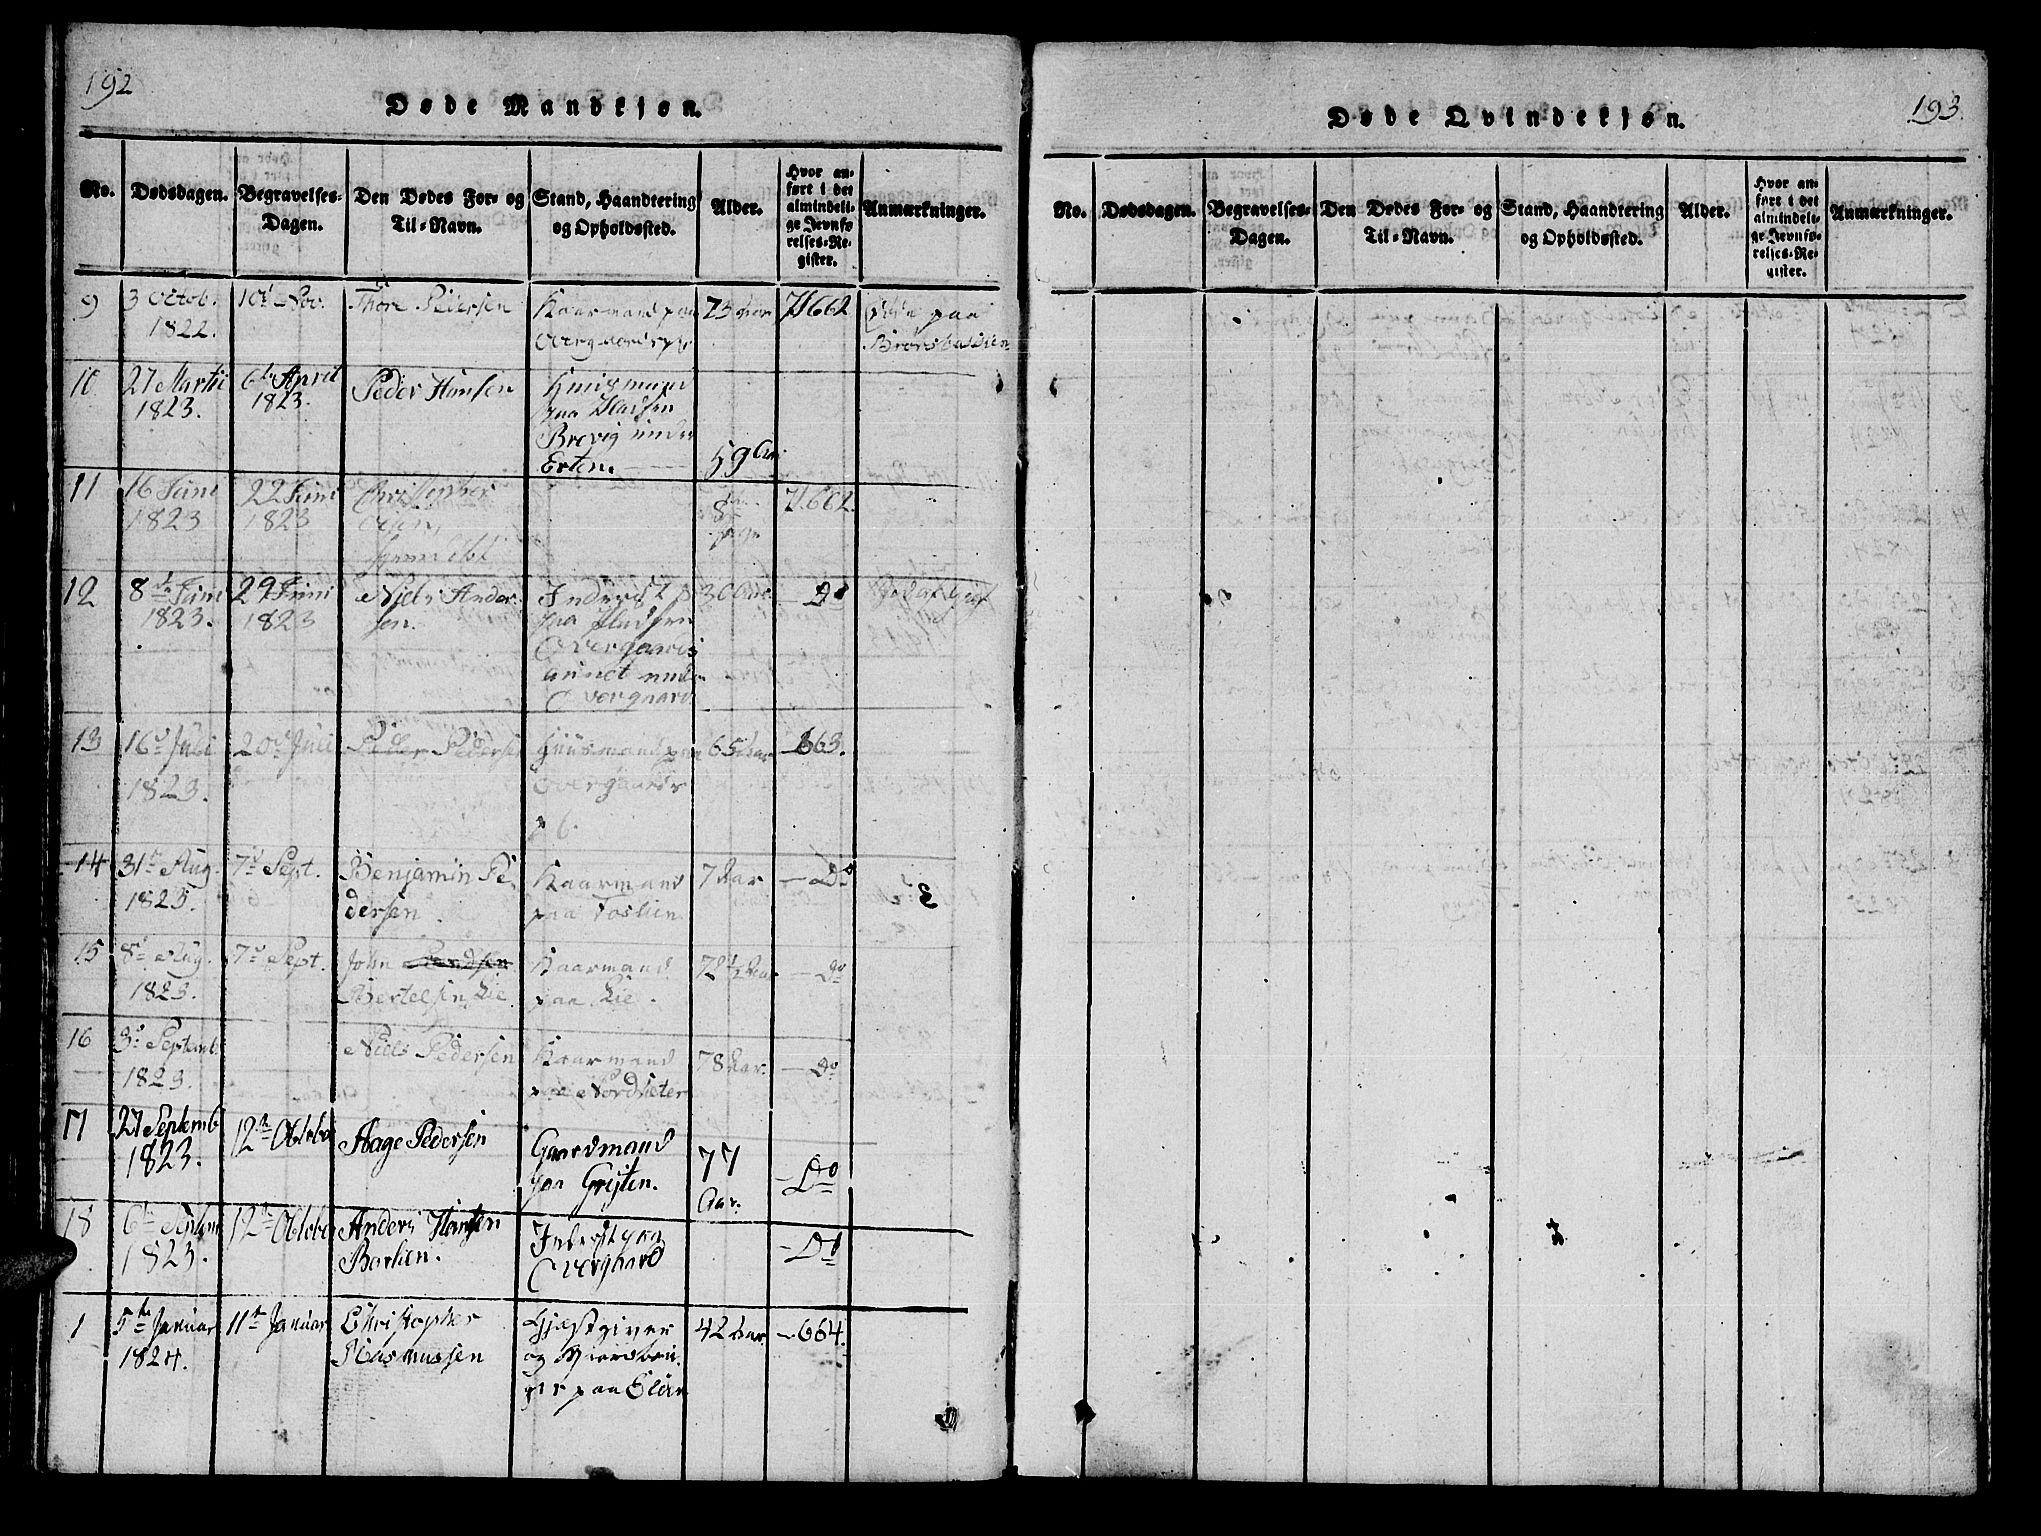 SAT, Ministerialprotokoller, klokkerbøker og fødselsregistre - Nord-Trøndelag, 742/L0411: Klokkerbok nr. 742C02, 1817-1825, s. 192-193